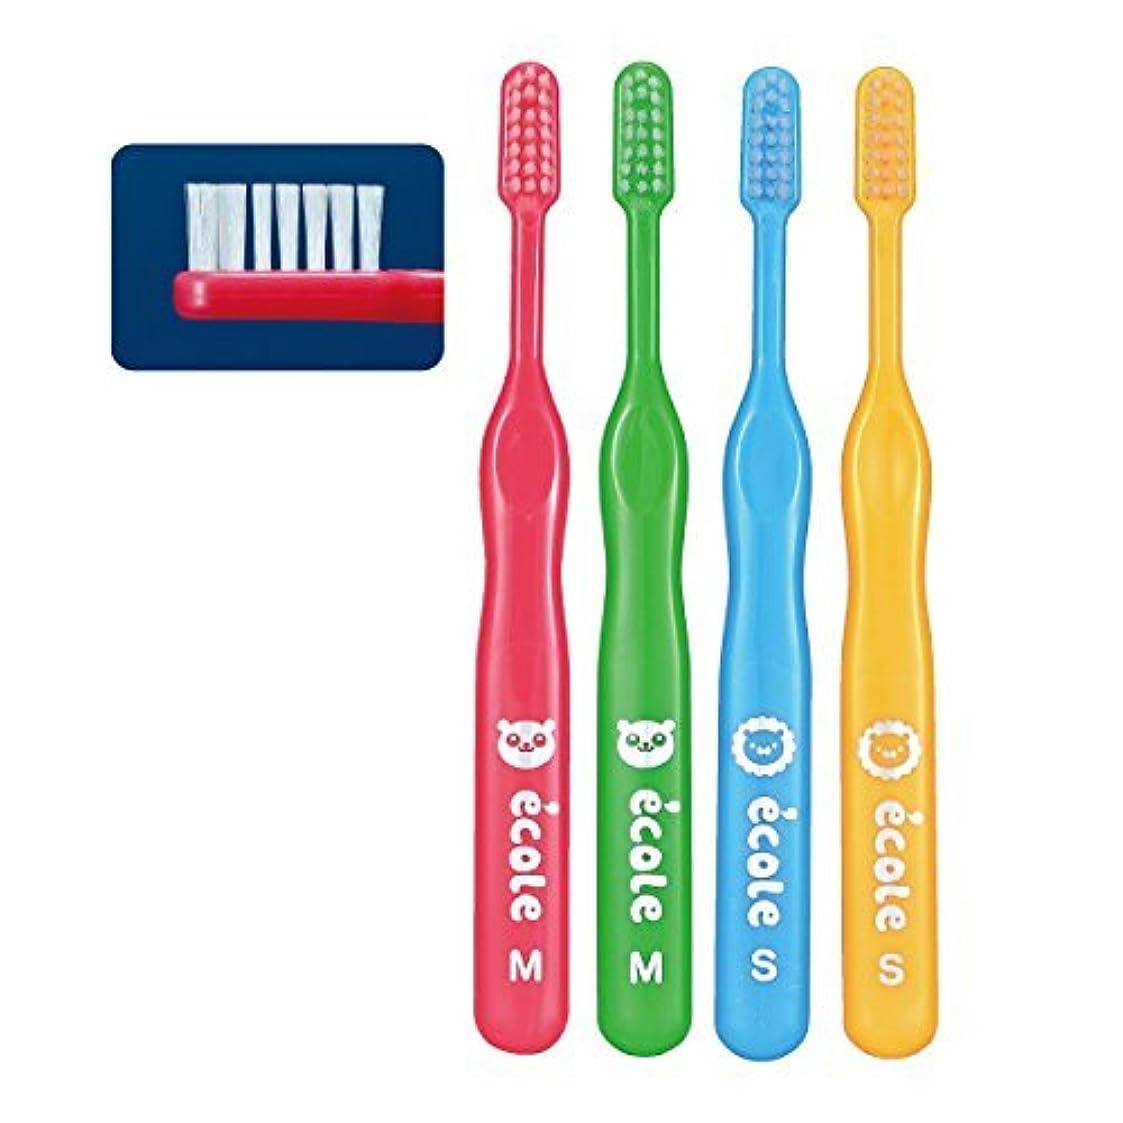 幸運なことに報告書チョップリセラ エコル 幼児~小学生用歯ブラシ Sやわらかめ 24本入り